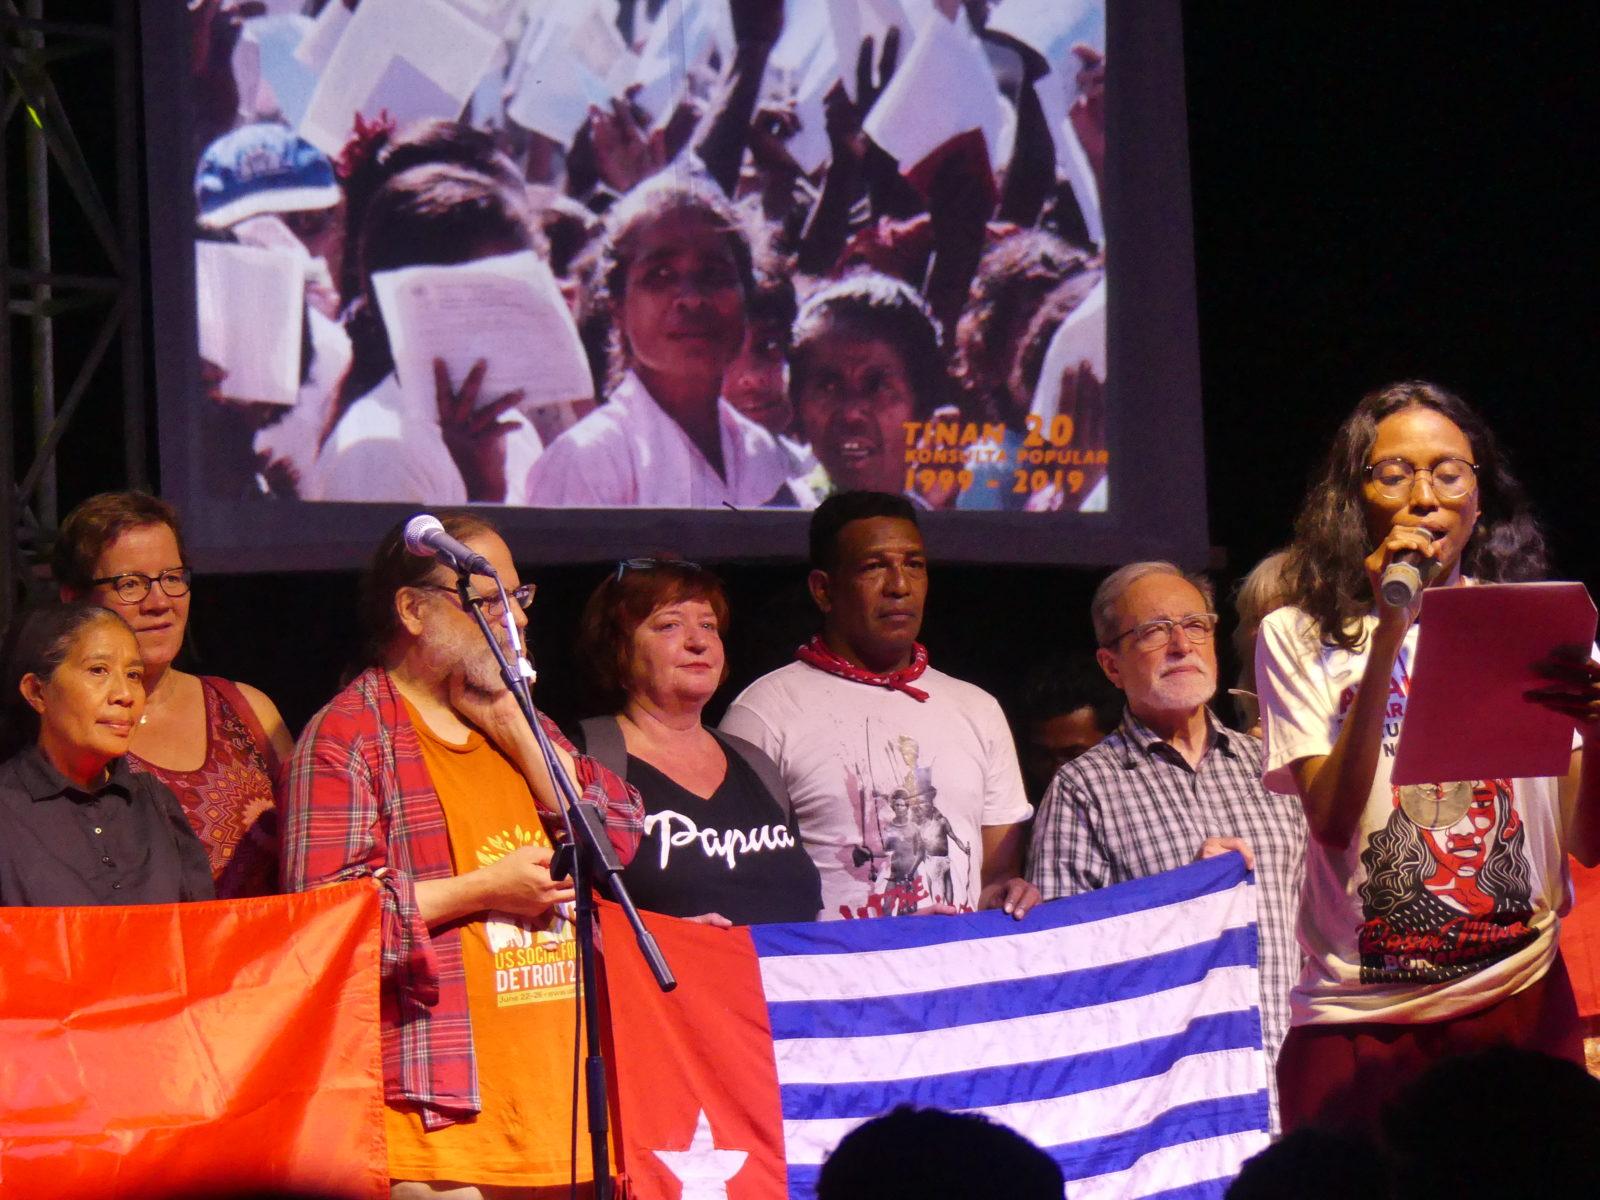 Die internationale Solidarität für Gerechtigkeit und Frieden stärken - über die Grenzen von Timor-Leste hinaus © Maria Tschanz